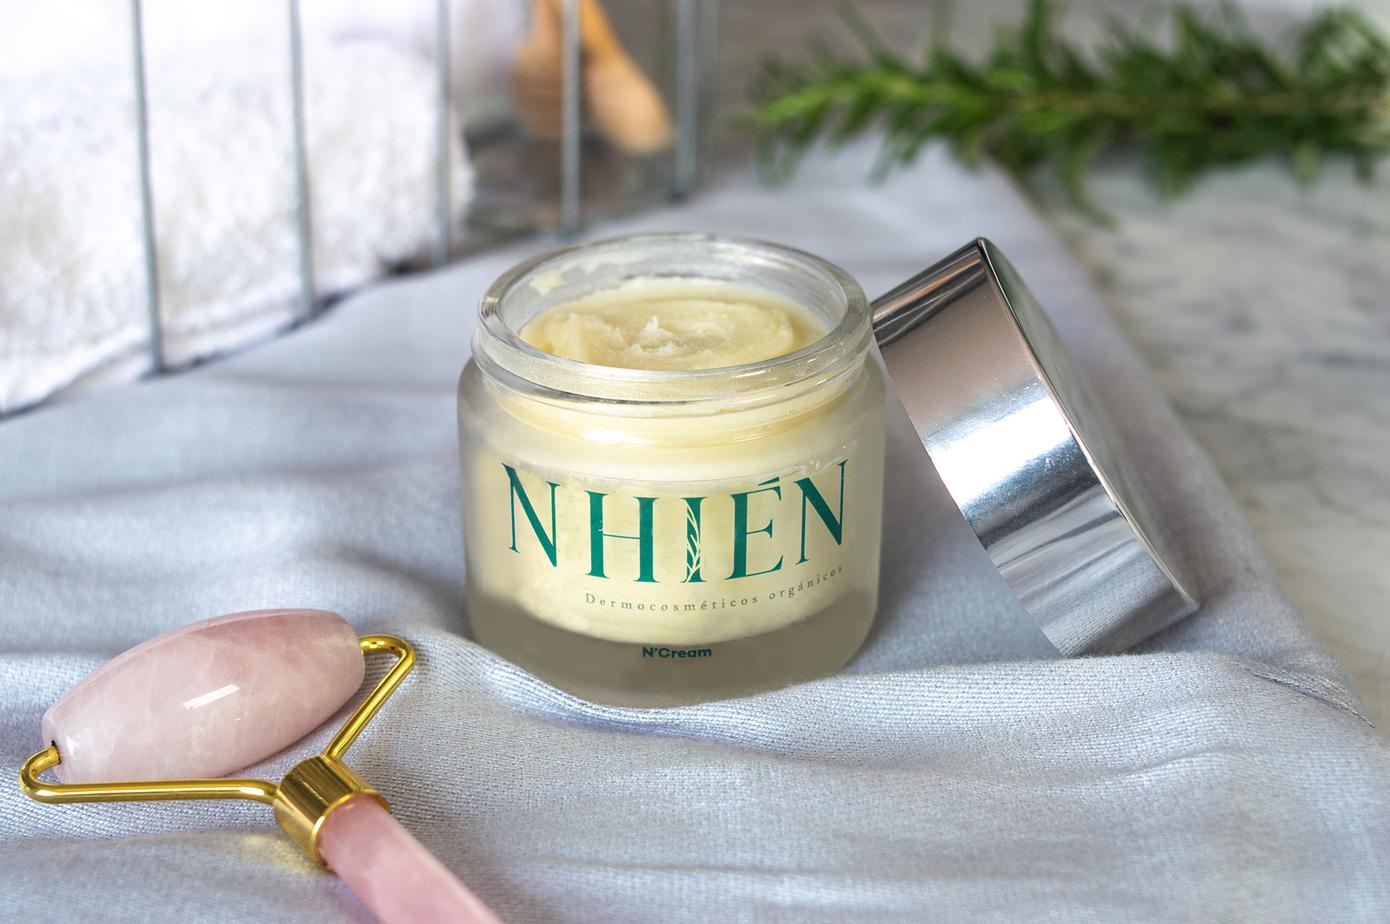 Productos Dermocosméticos N-Cream